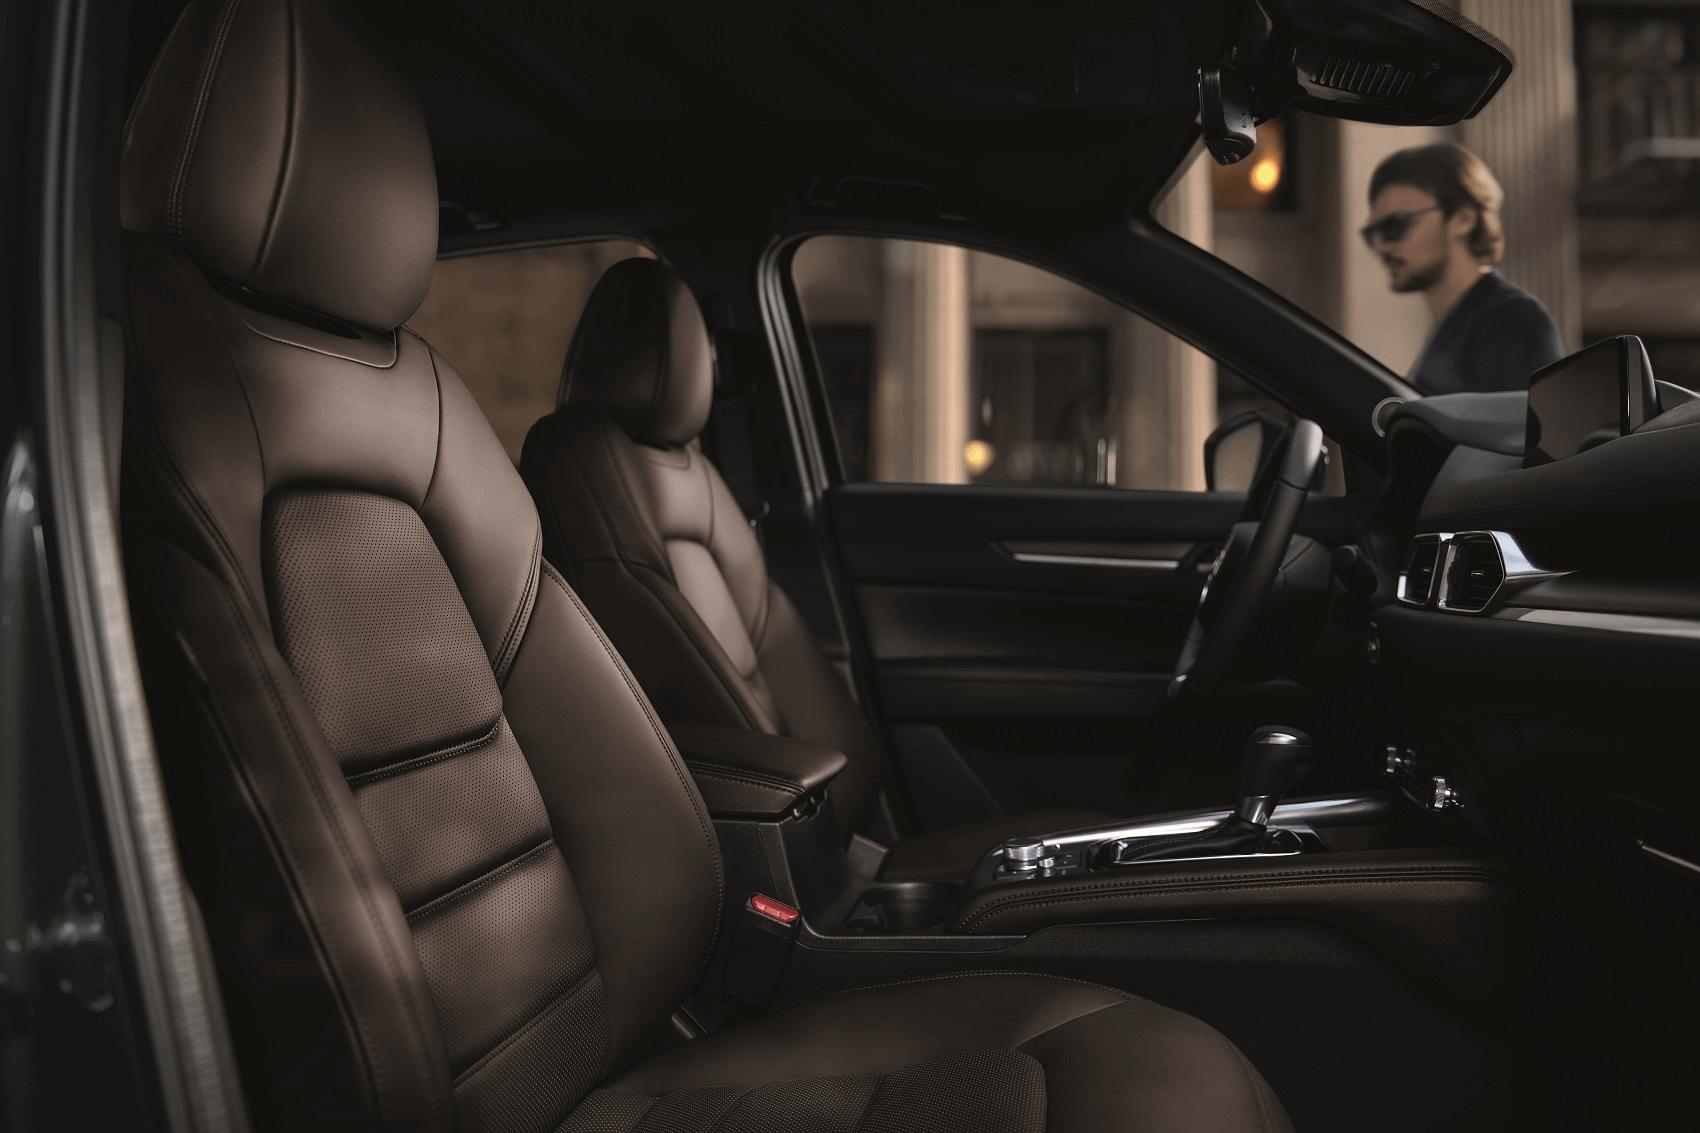 Mazda CX-5 Interior Seats